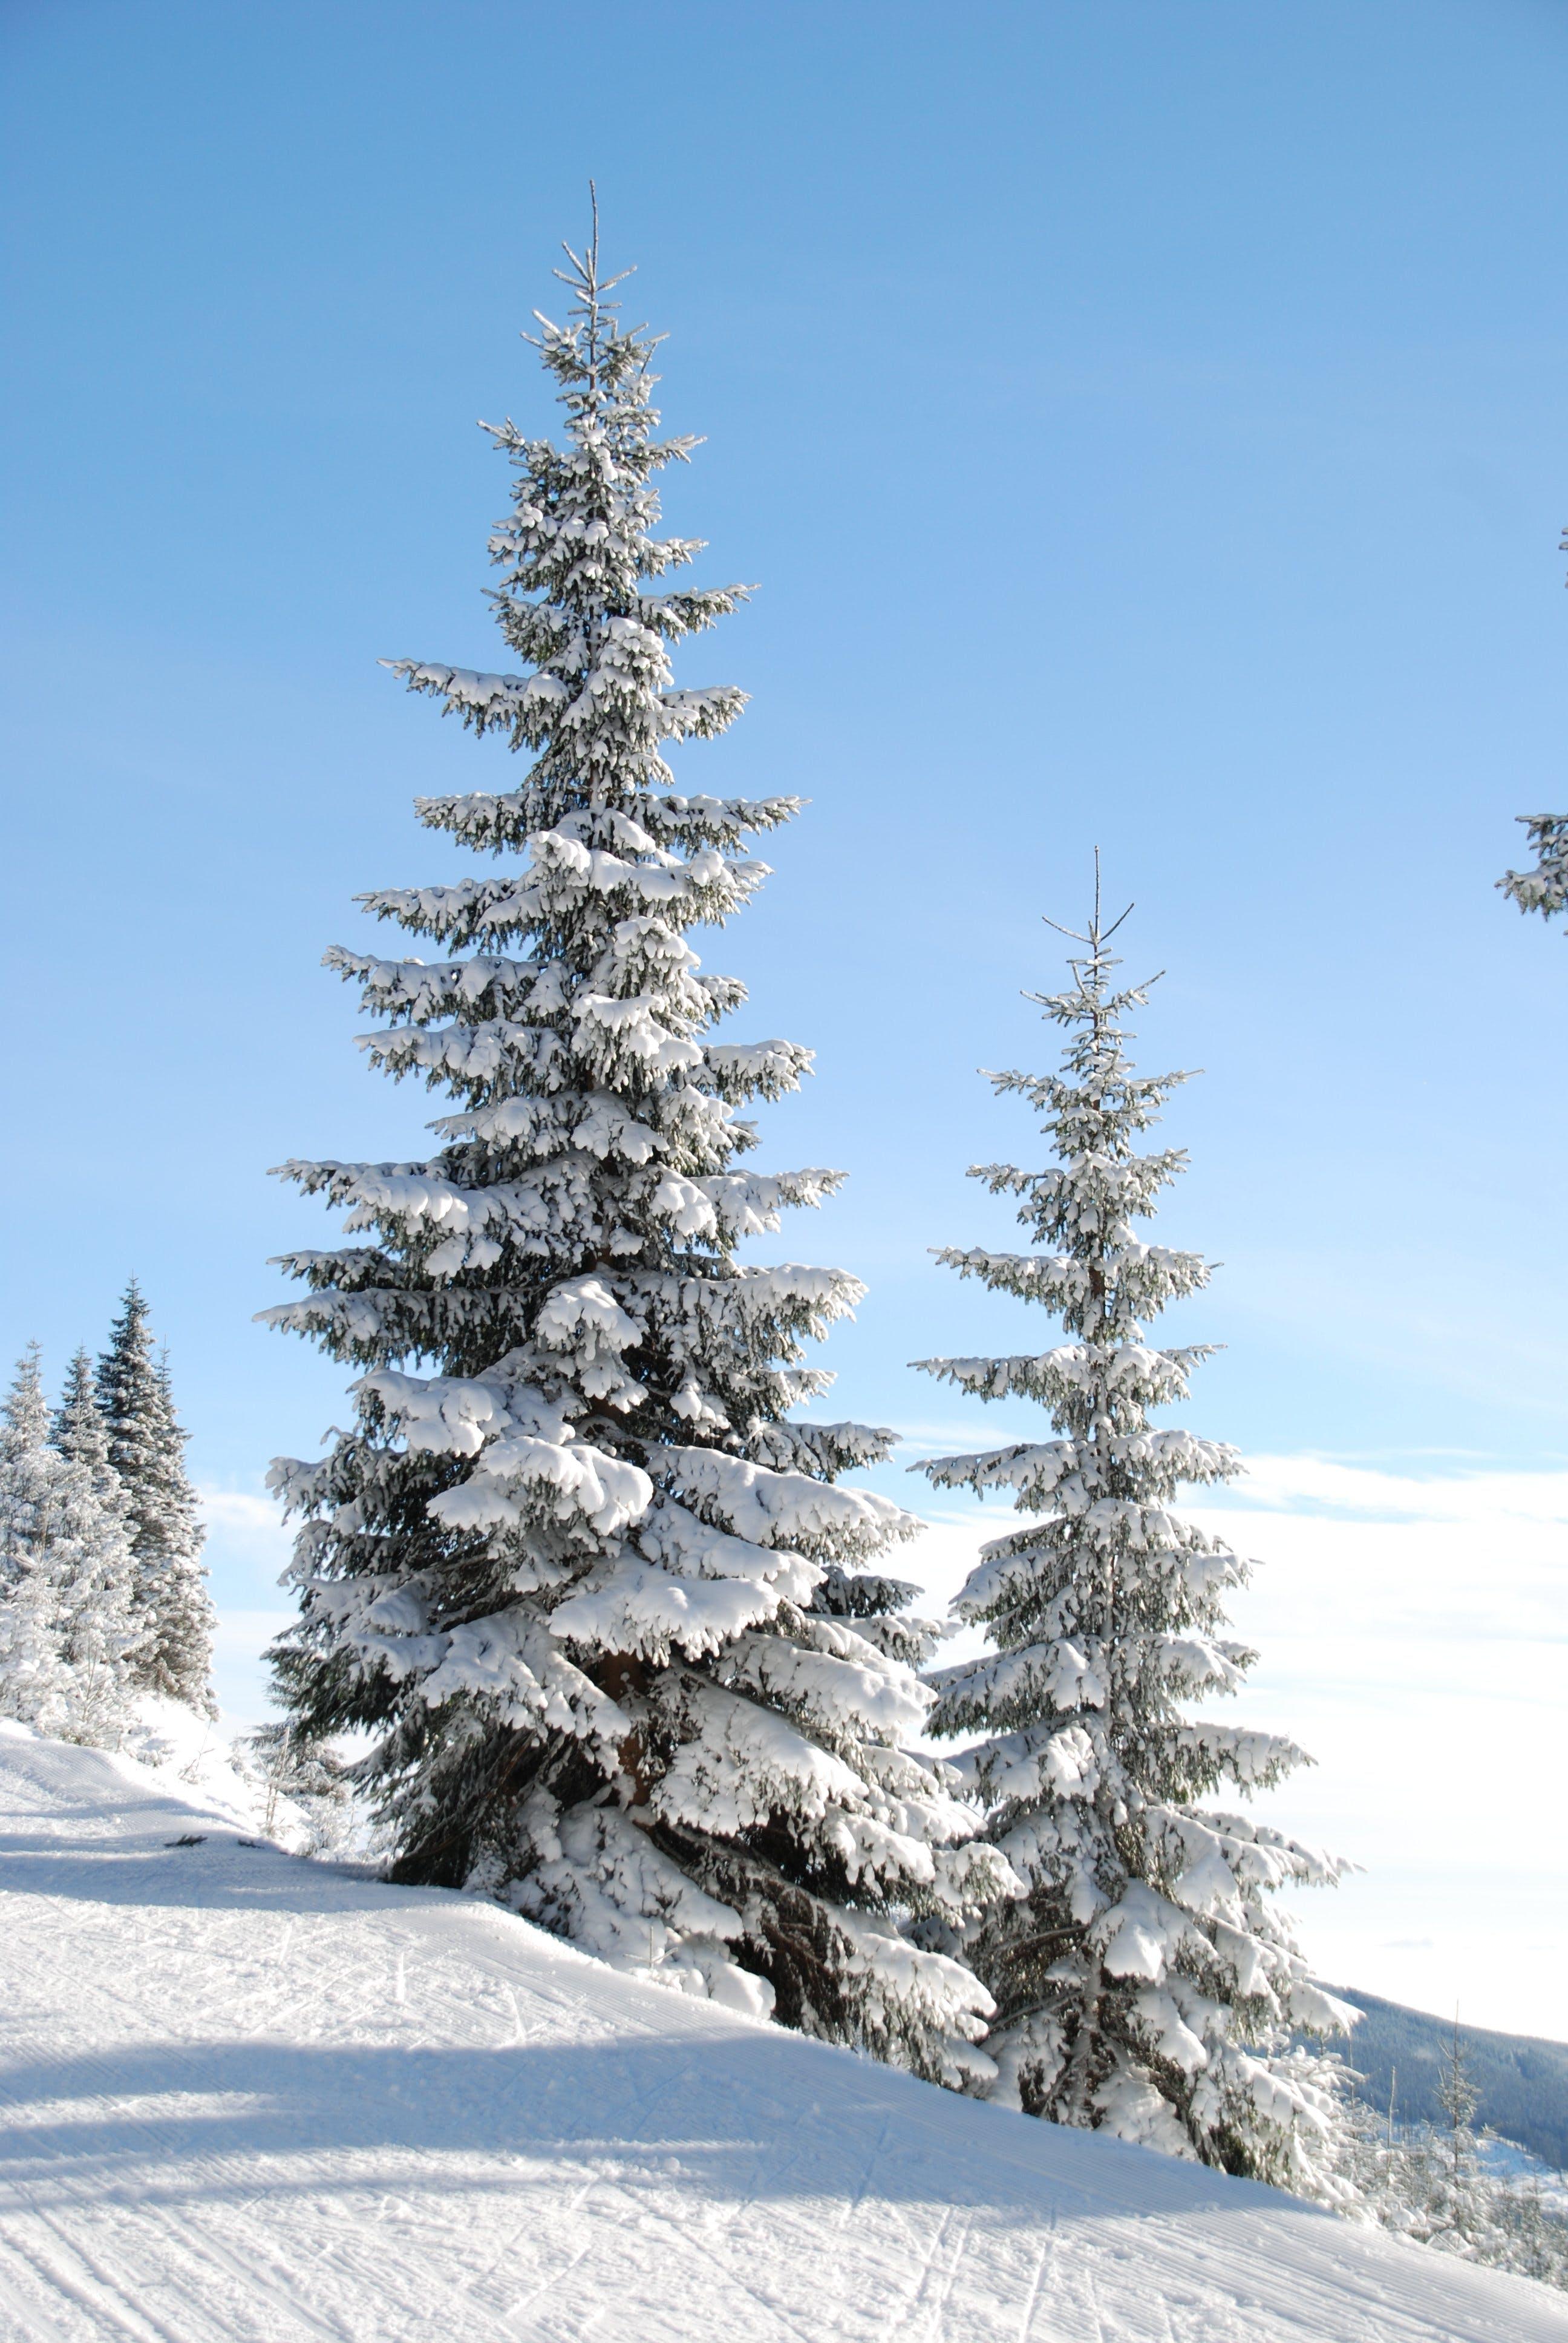 Snow Cap Pine Tree